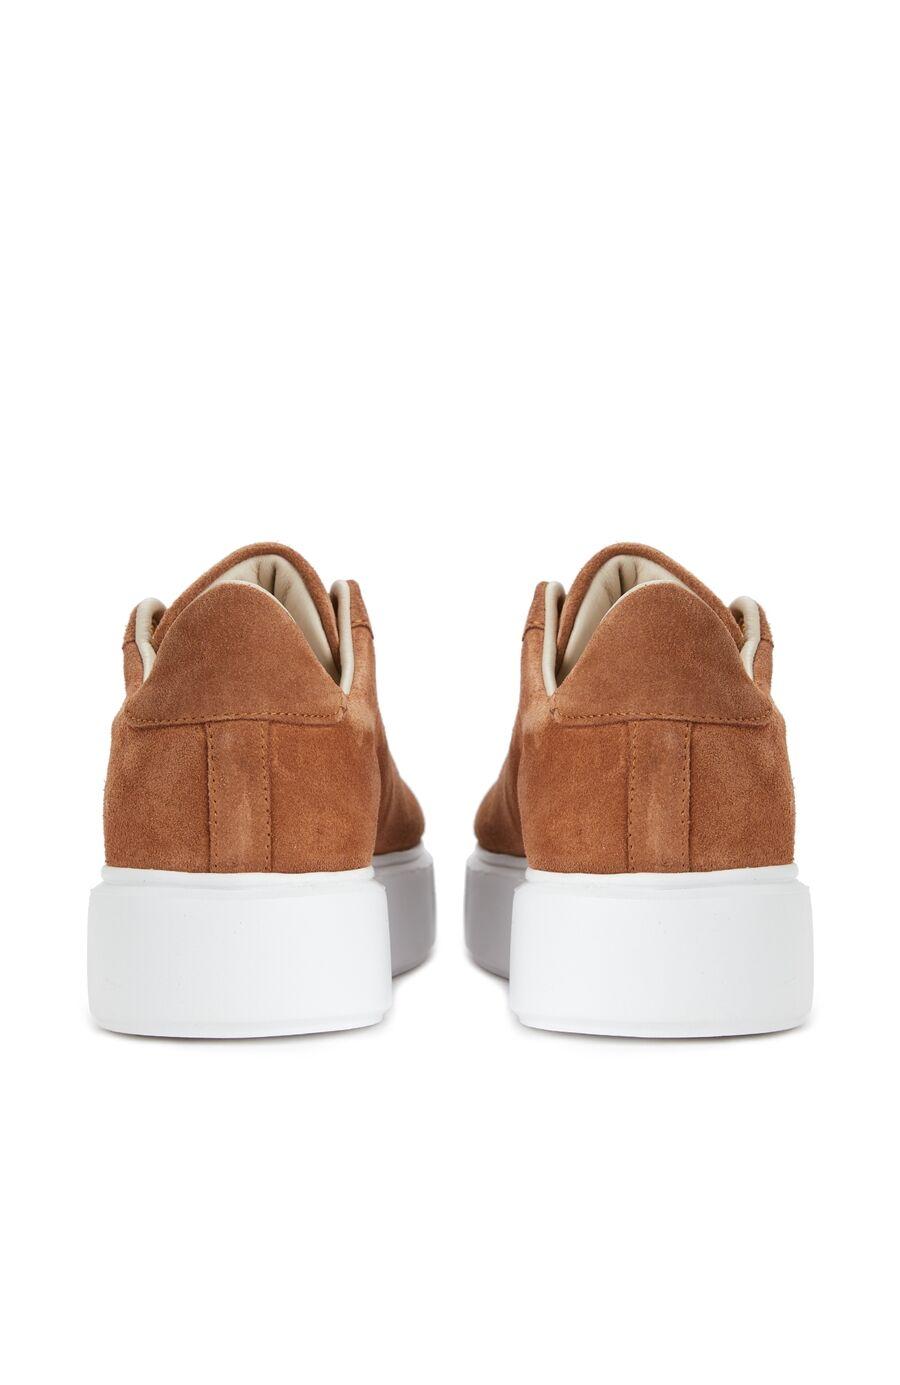 Camel Kadın Ayakkabı